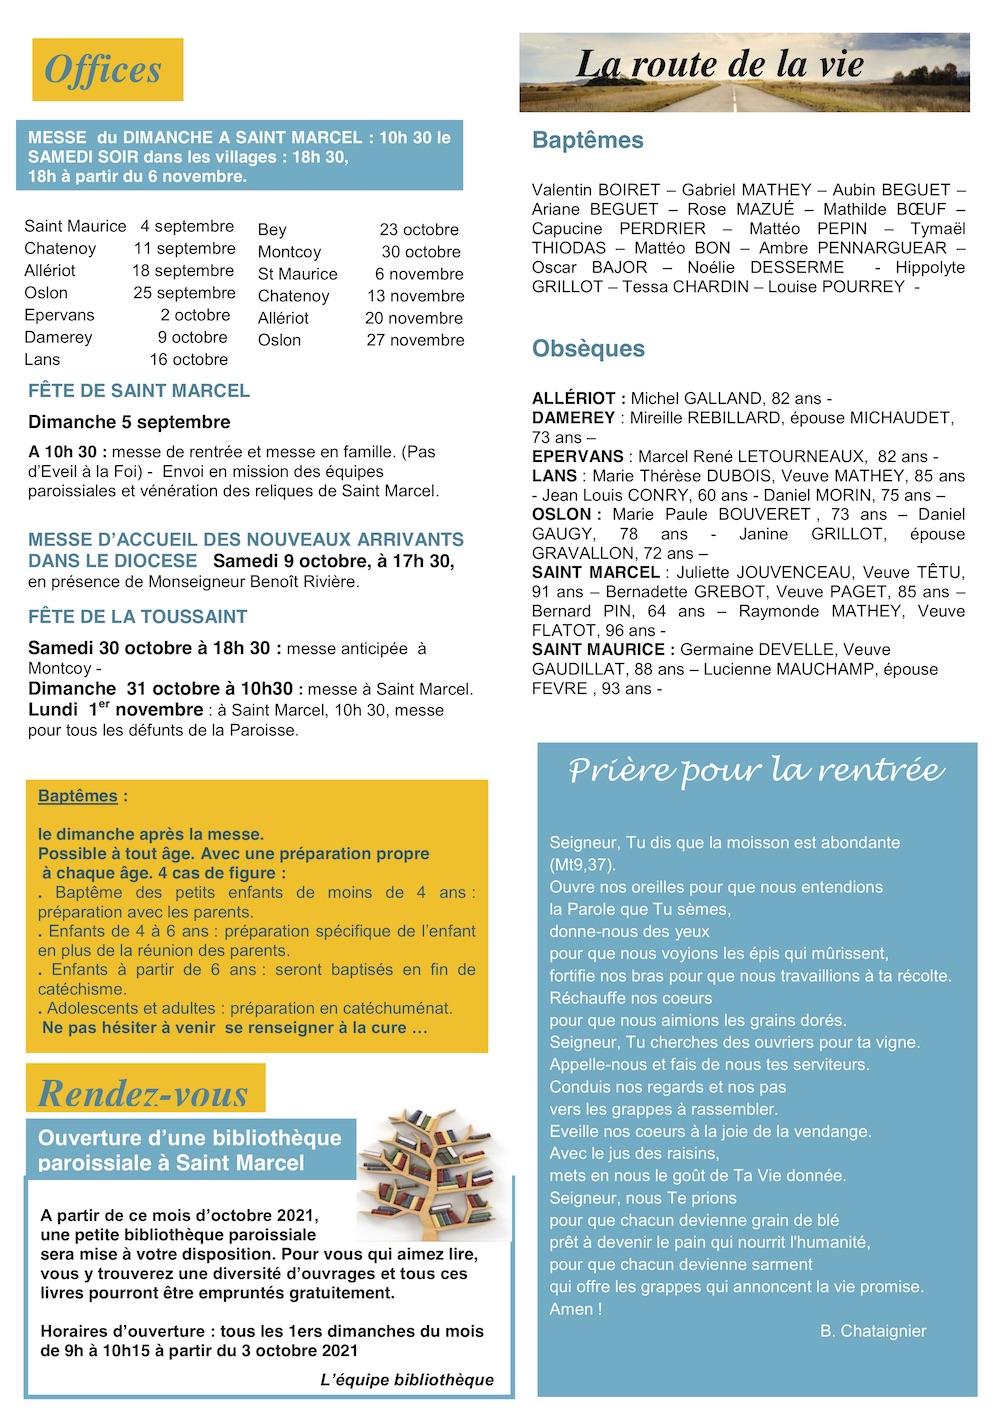 Edito - Paroisse infos 09-2021 - p2